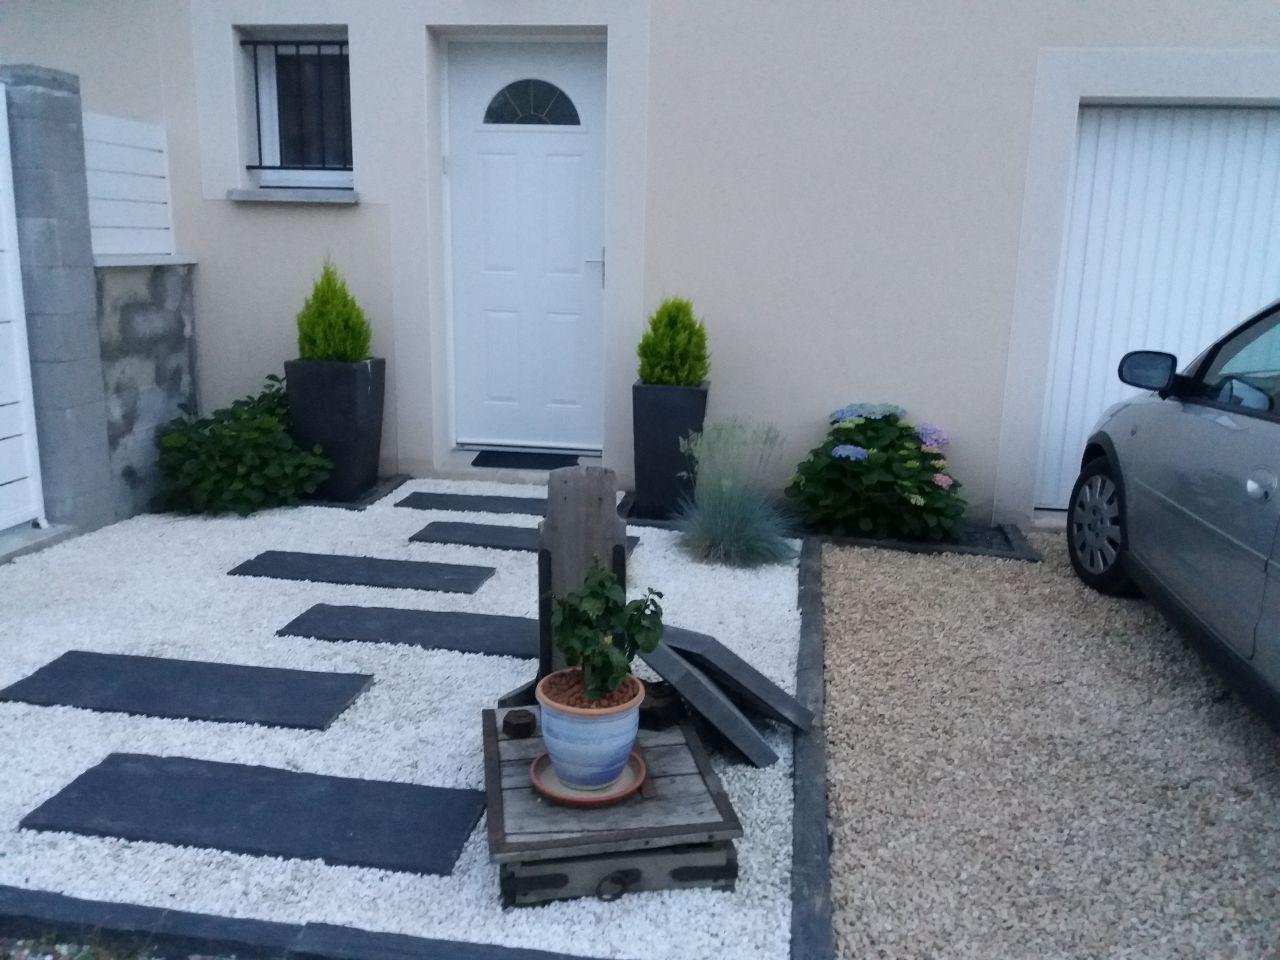 Entreprise Amenagement Exterieur Moselle entrée de la maison en 2020 | décoration jardin extérieur